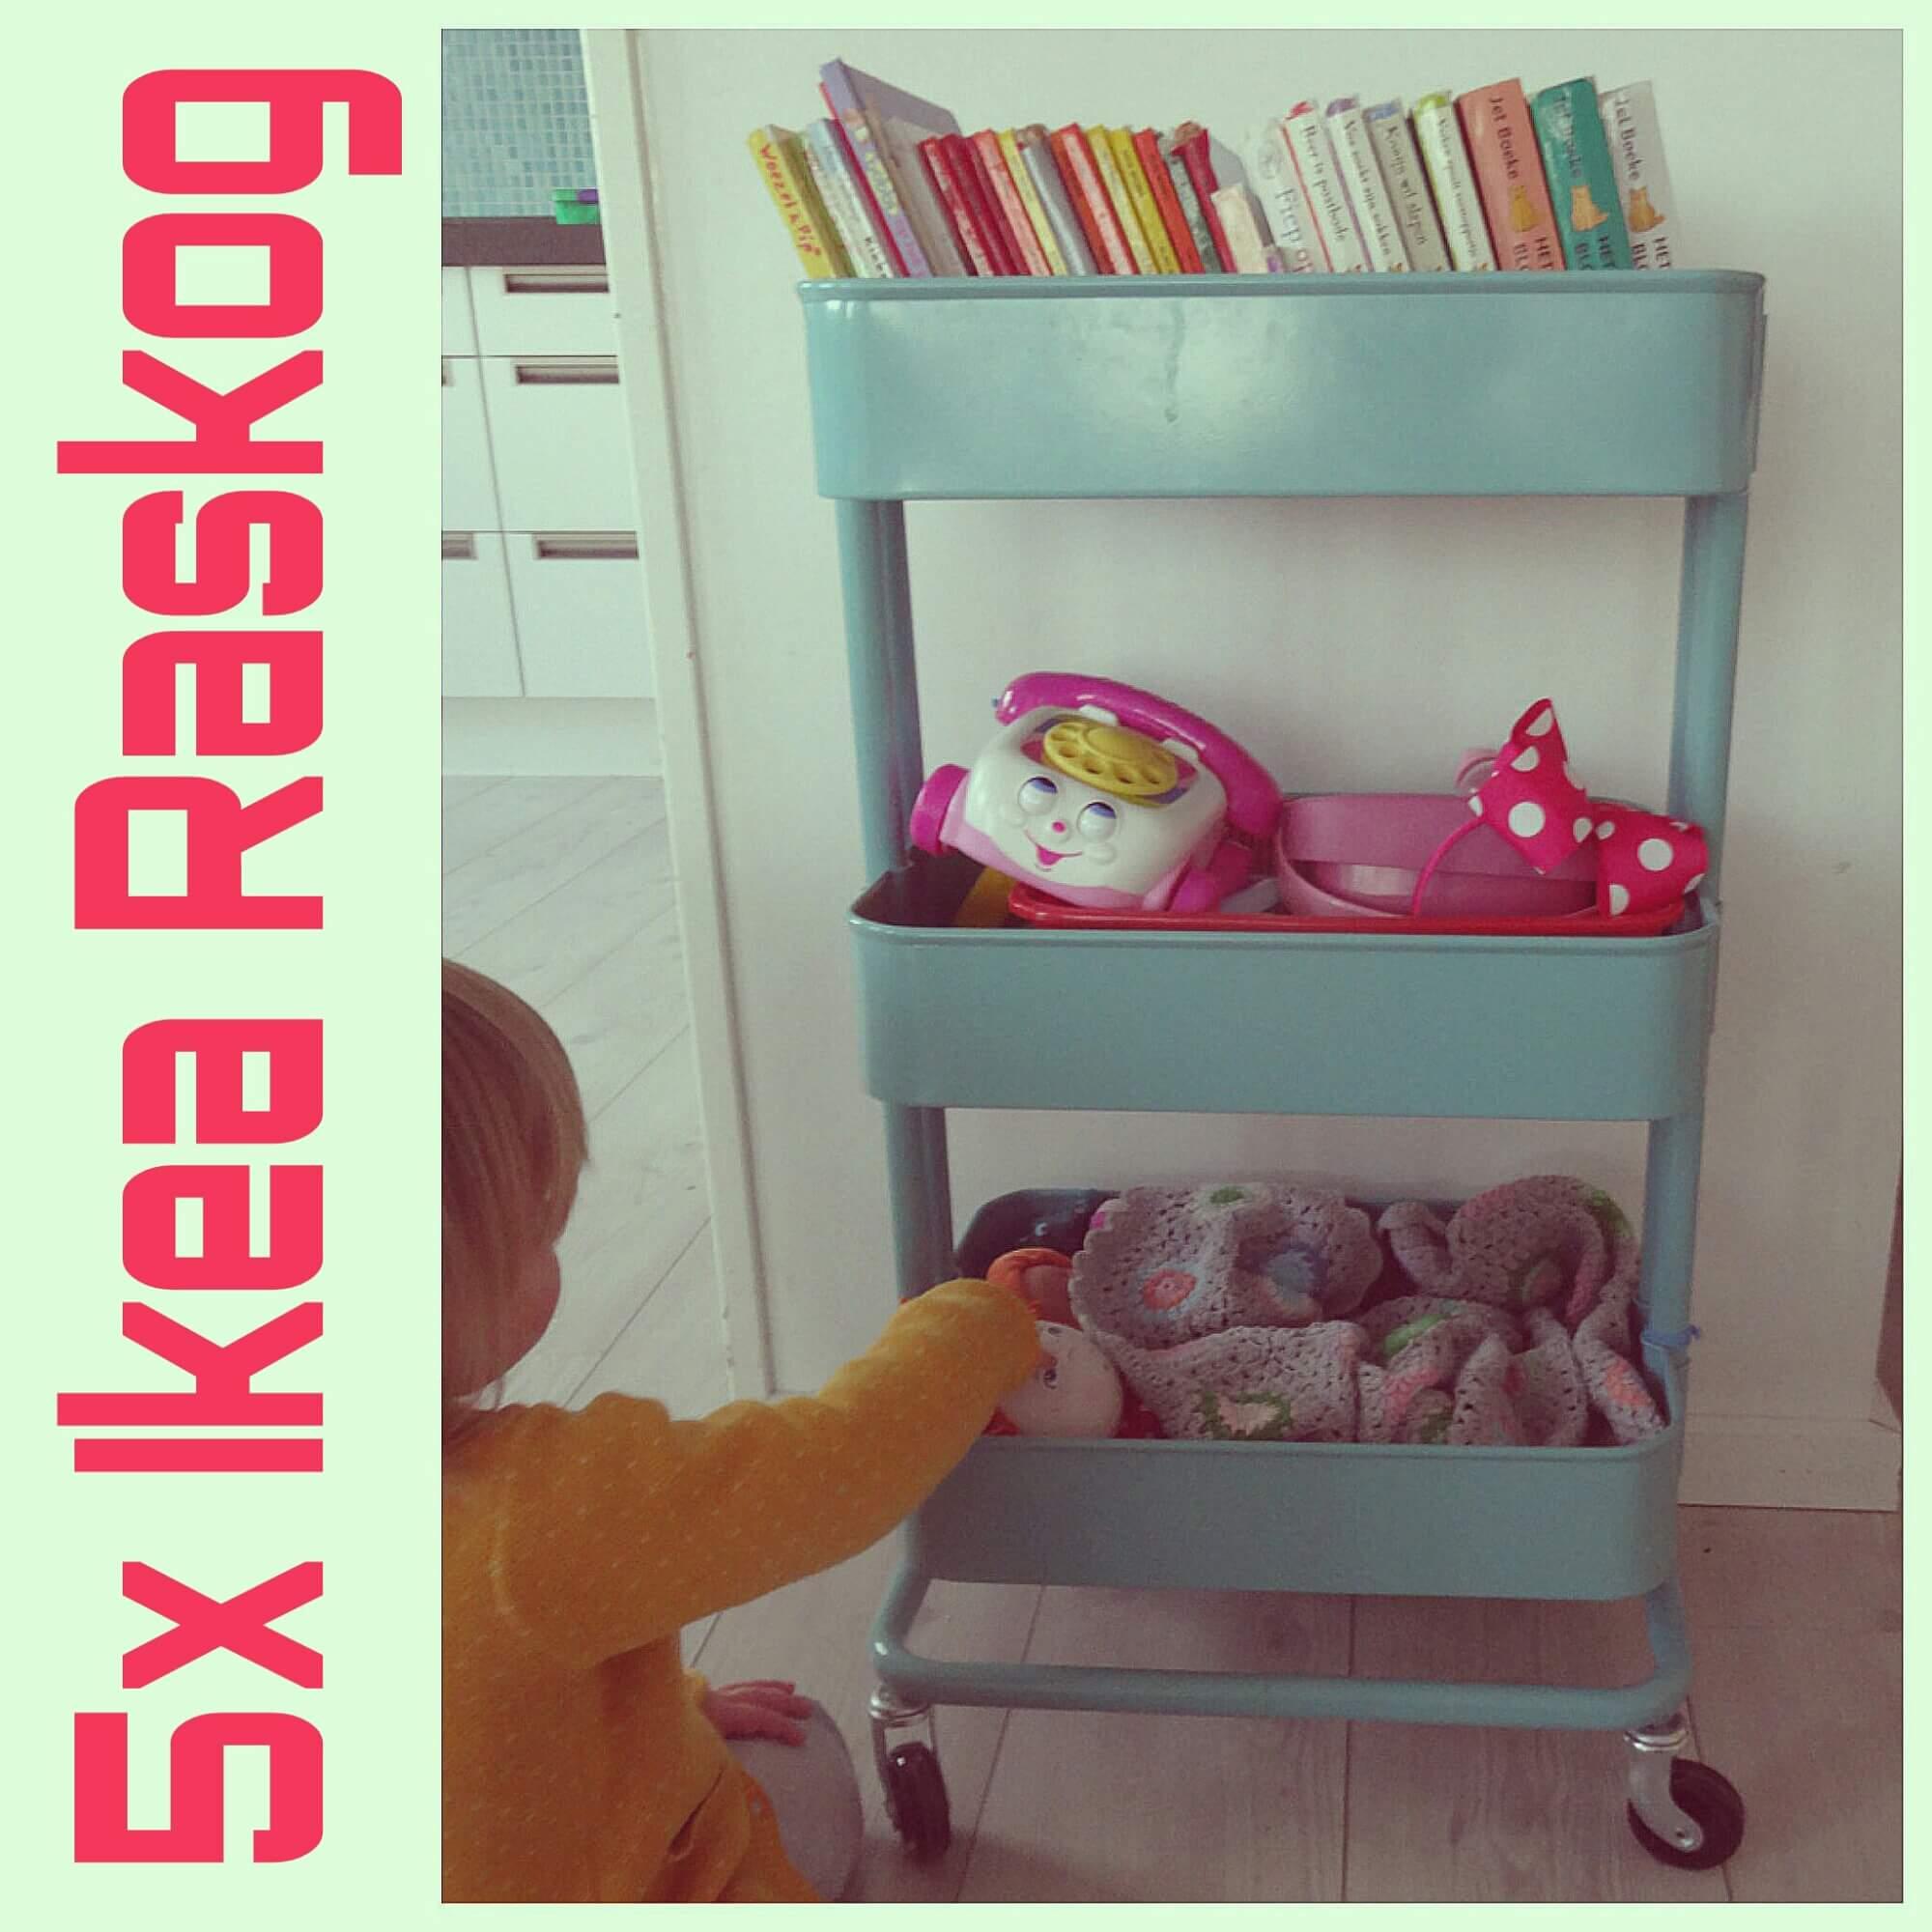 De allerleukste ikea hacks voor de kinderkamer en babykamer leuk met kids - Idee voor babykamer ...